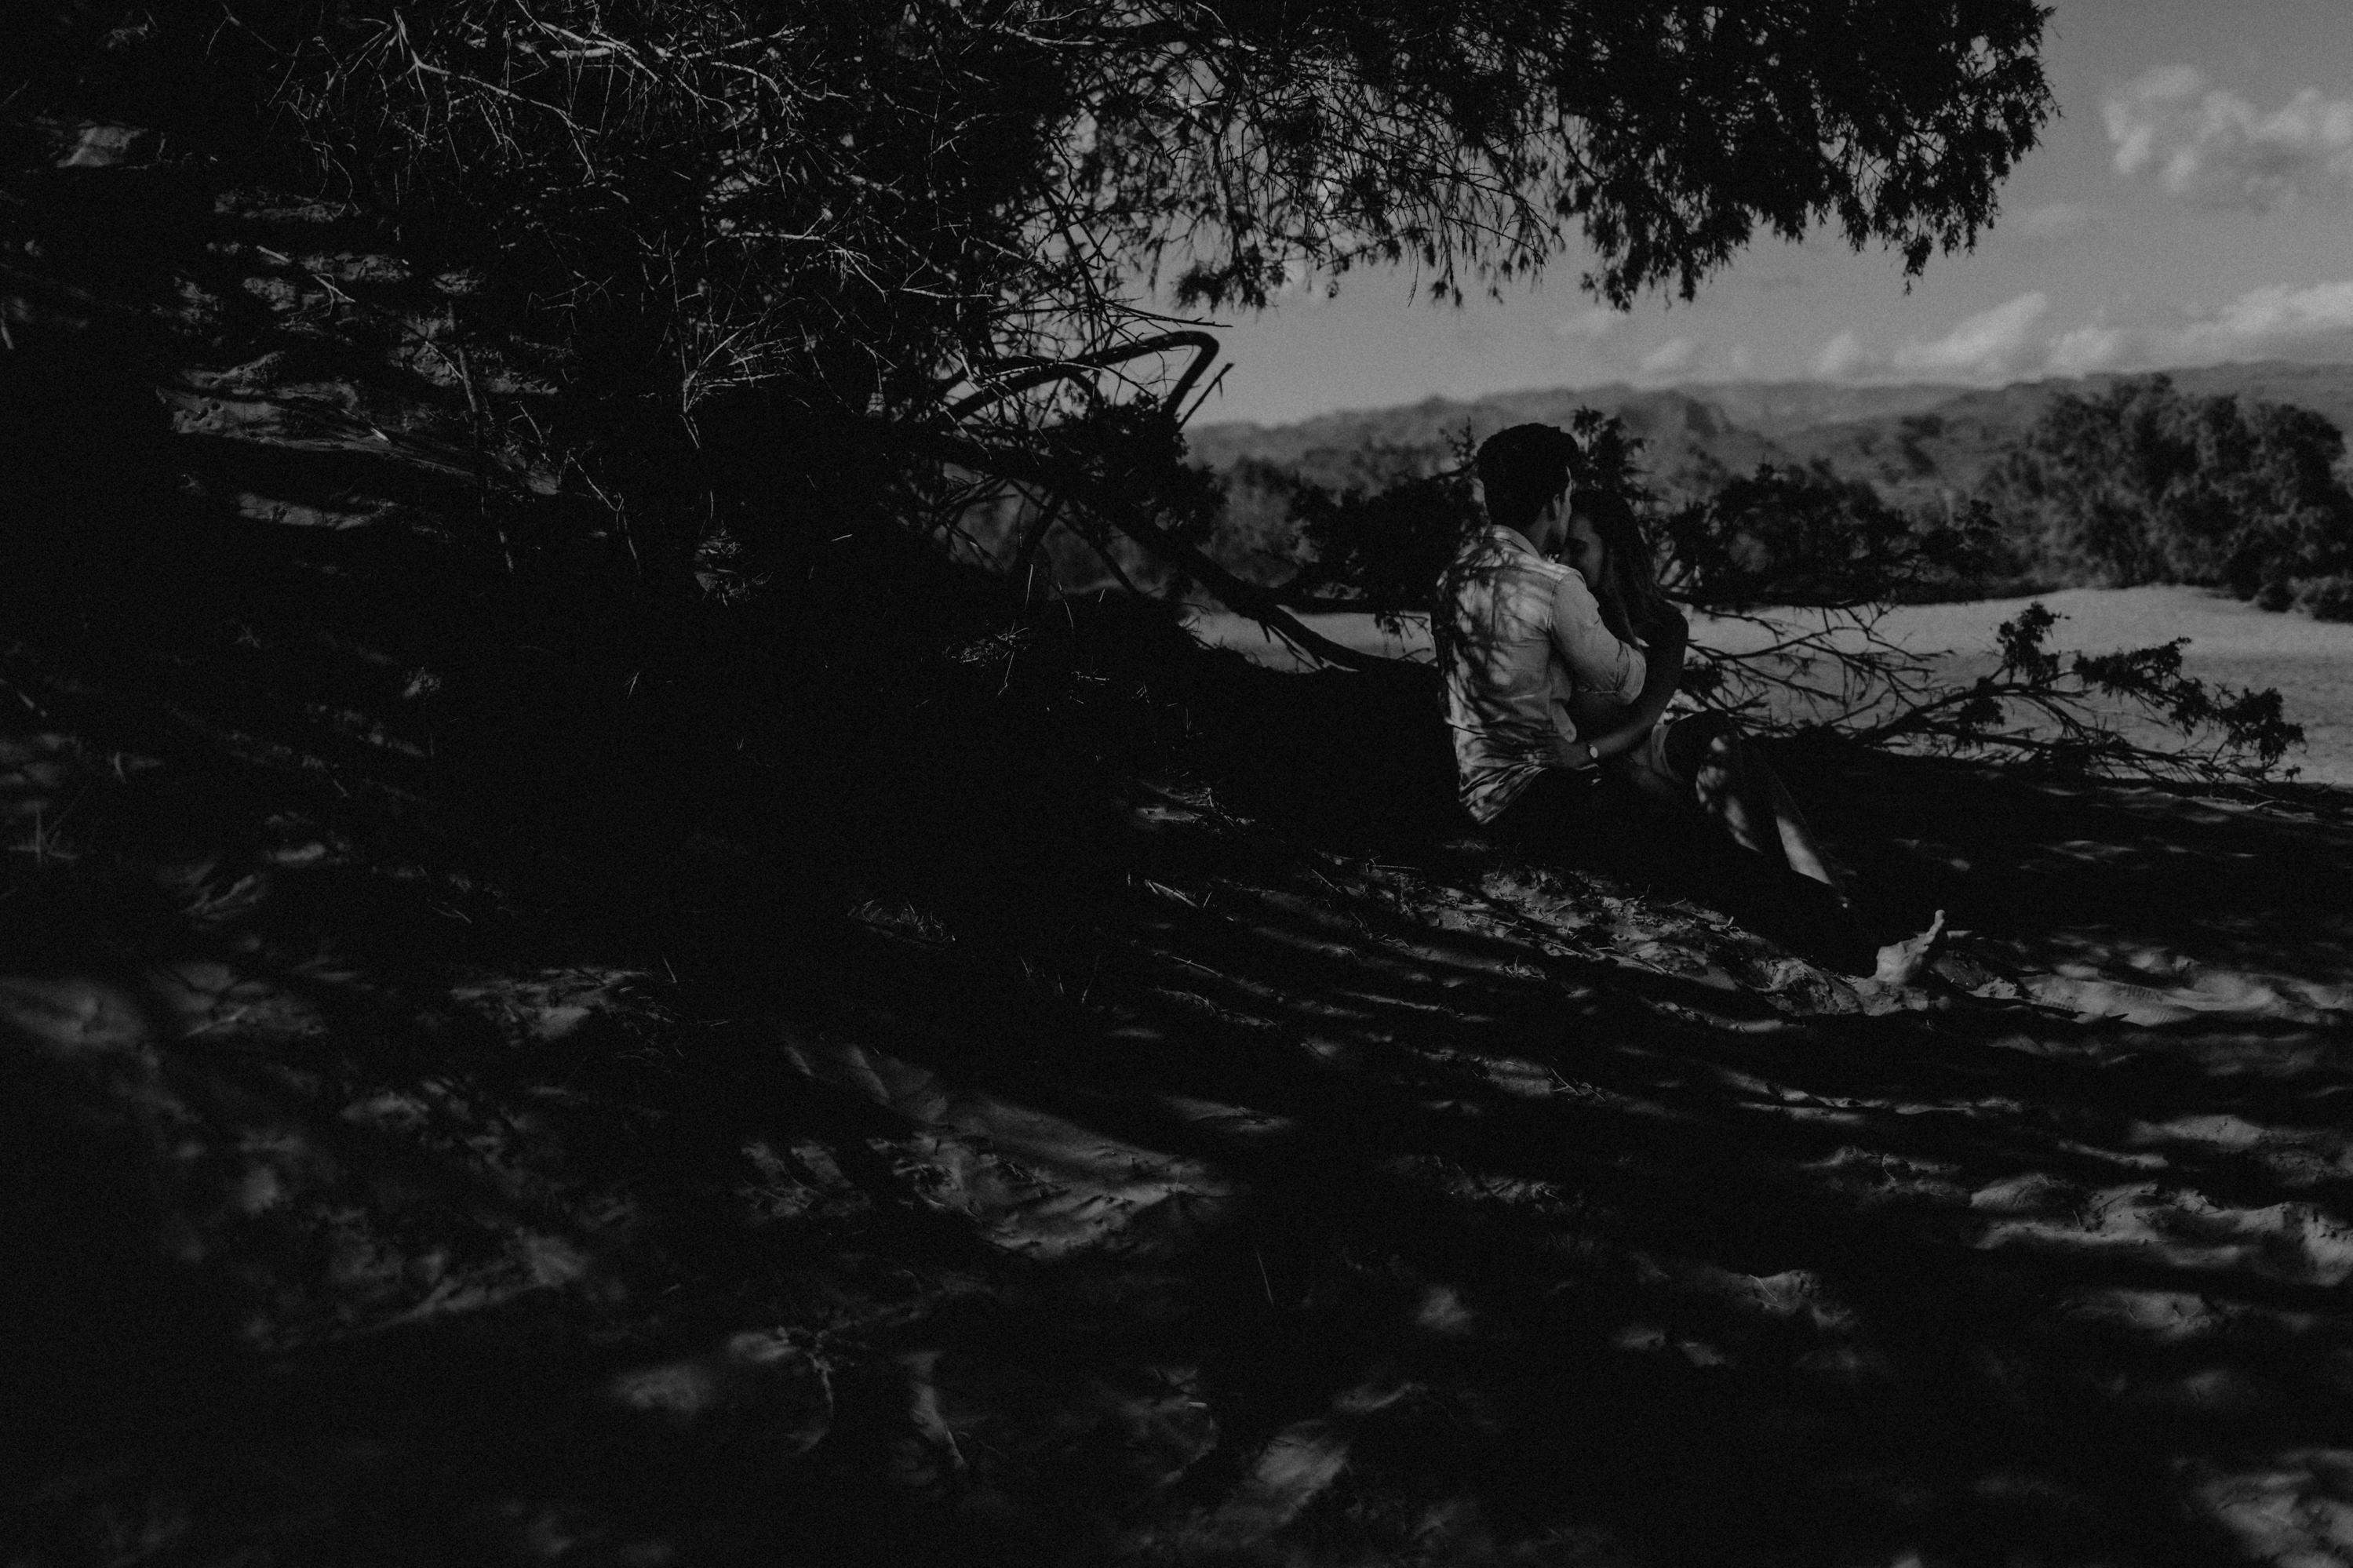 Zu sehen ist das Foto eines Elopement Shoots auf Gran Canaria in den Dünen von Maspalomas, aufgenommen von Tom und Lia, Hochzeitsfotografen aus Rostock. You see a photo that has been taken in the dunes of Maspalomas during an elopement shoot, Gran Canaria, by Tom and Lia, wedding photographers from Germany.